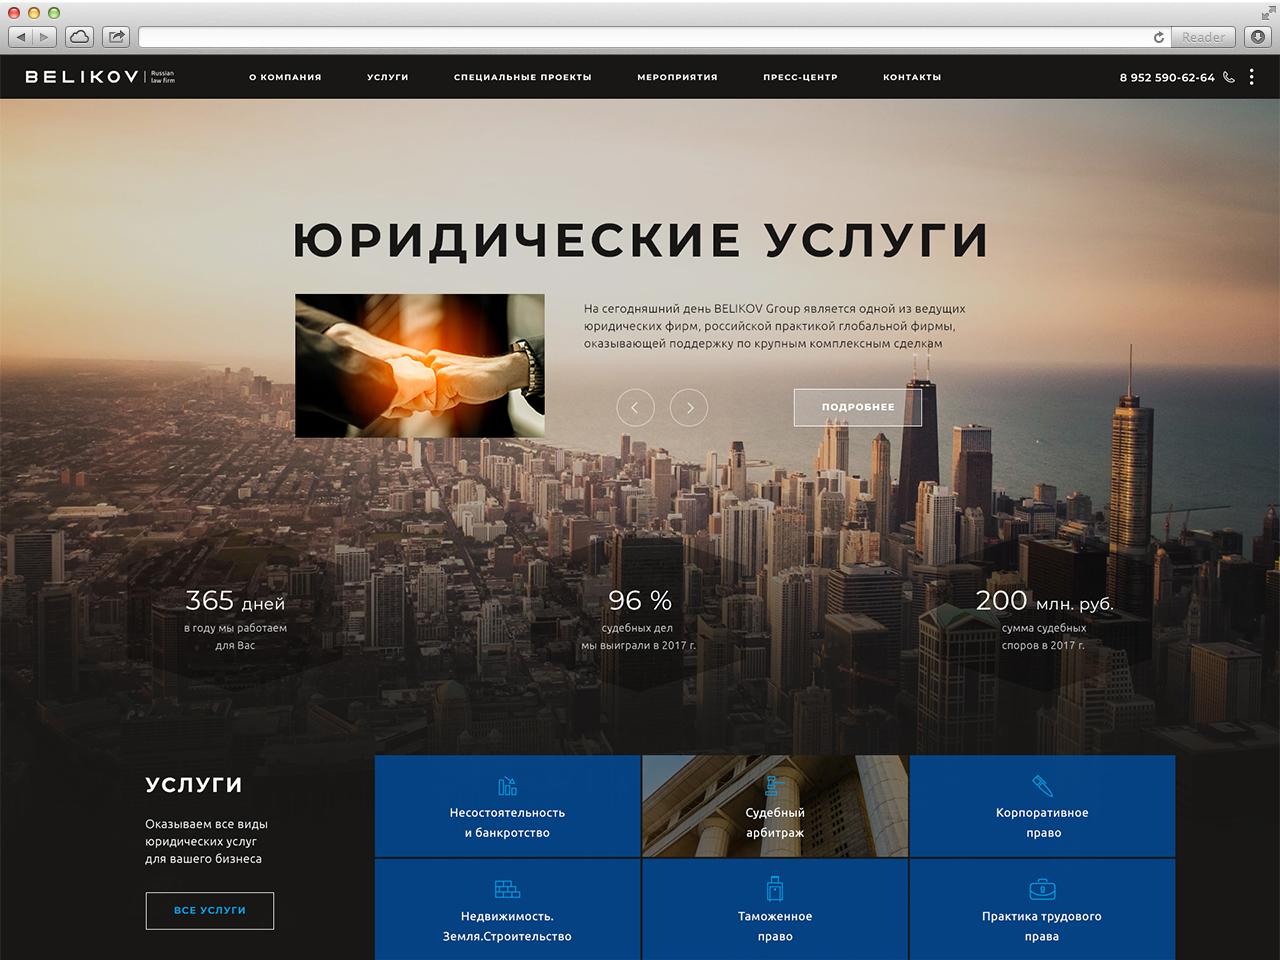 Шаблон компании для сайта примеры апельсин продвижение сайта